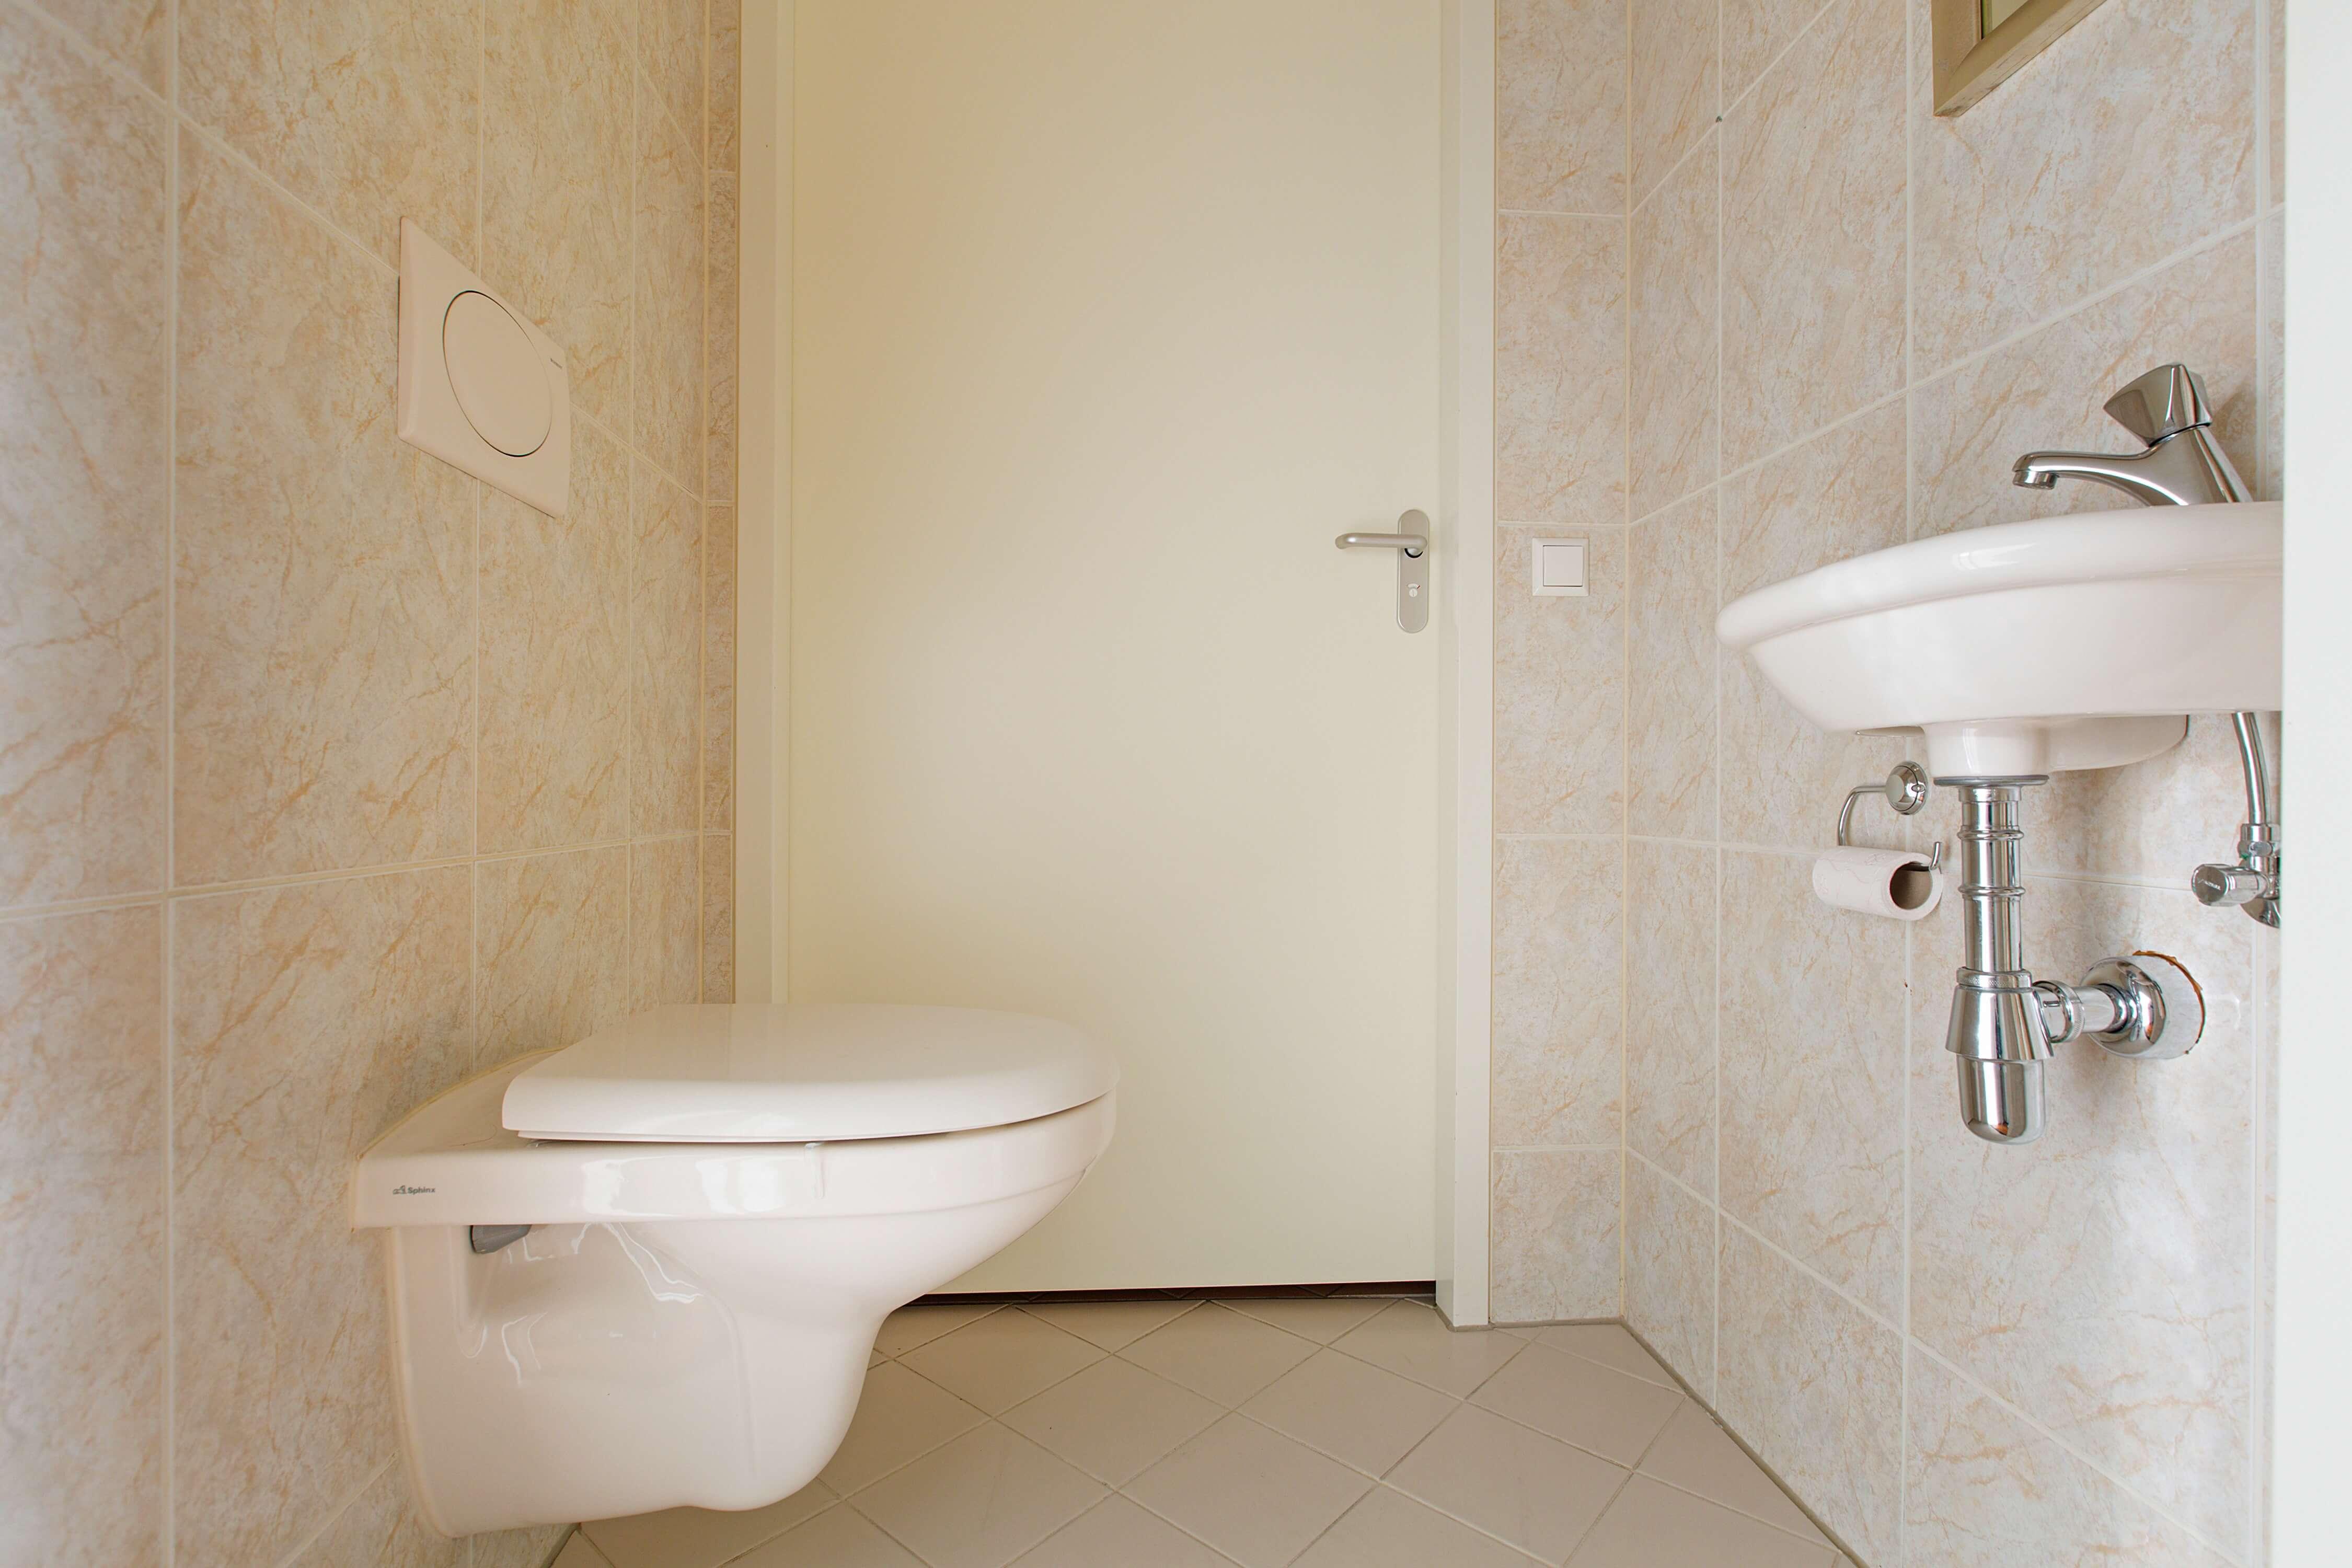 Te koop appartement Heemskerk Lessestraat Heemskerk toilet - Huisinzicht